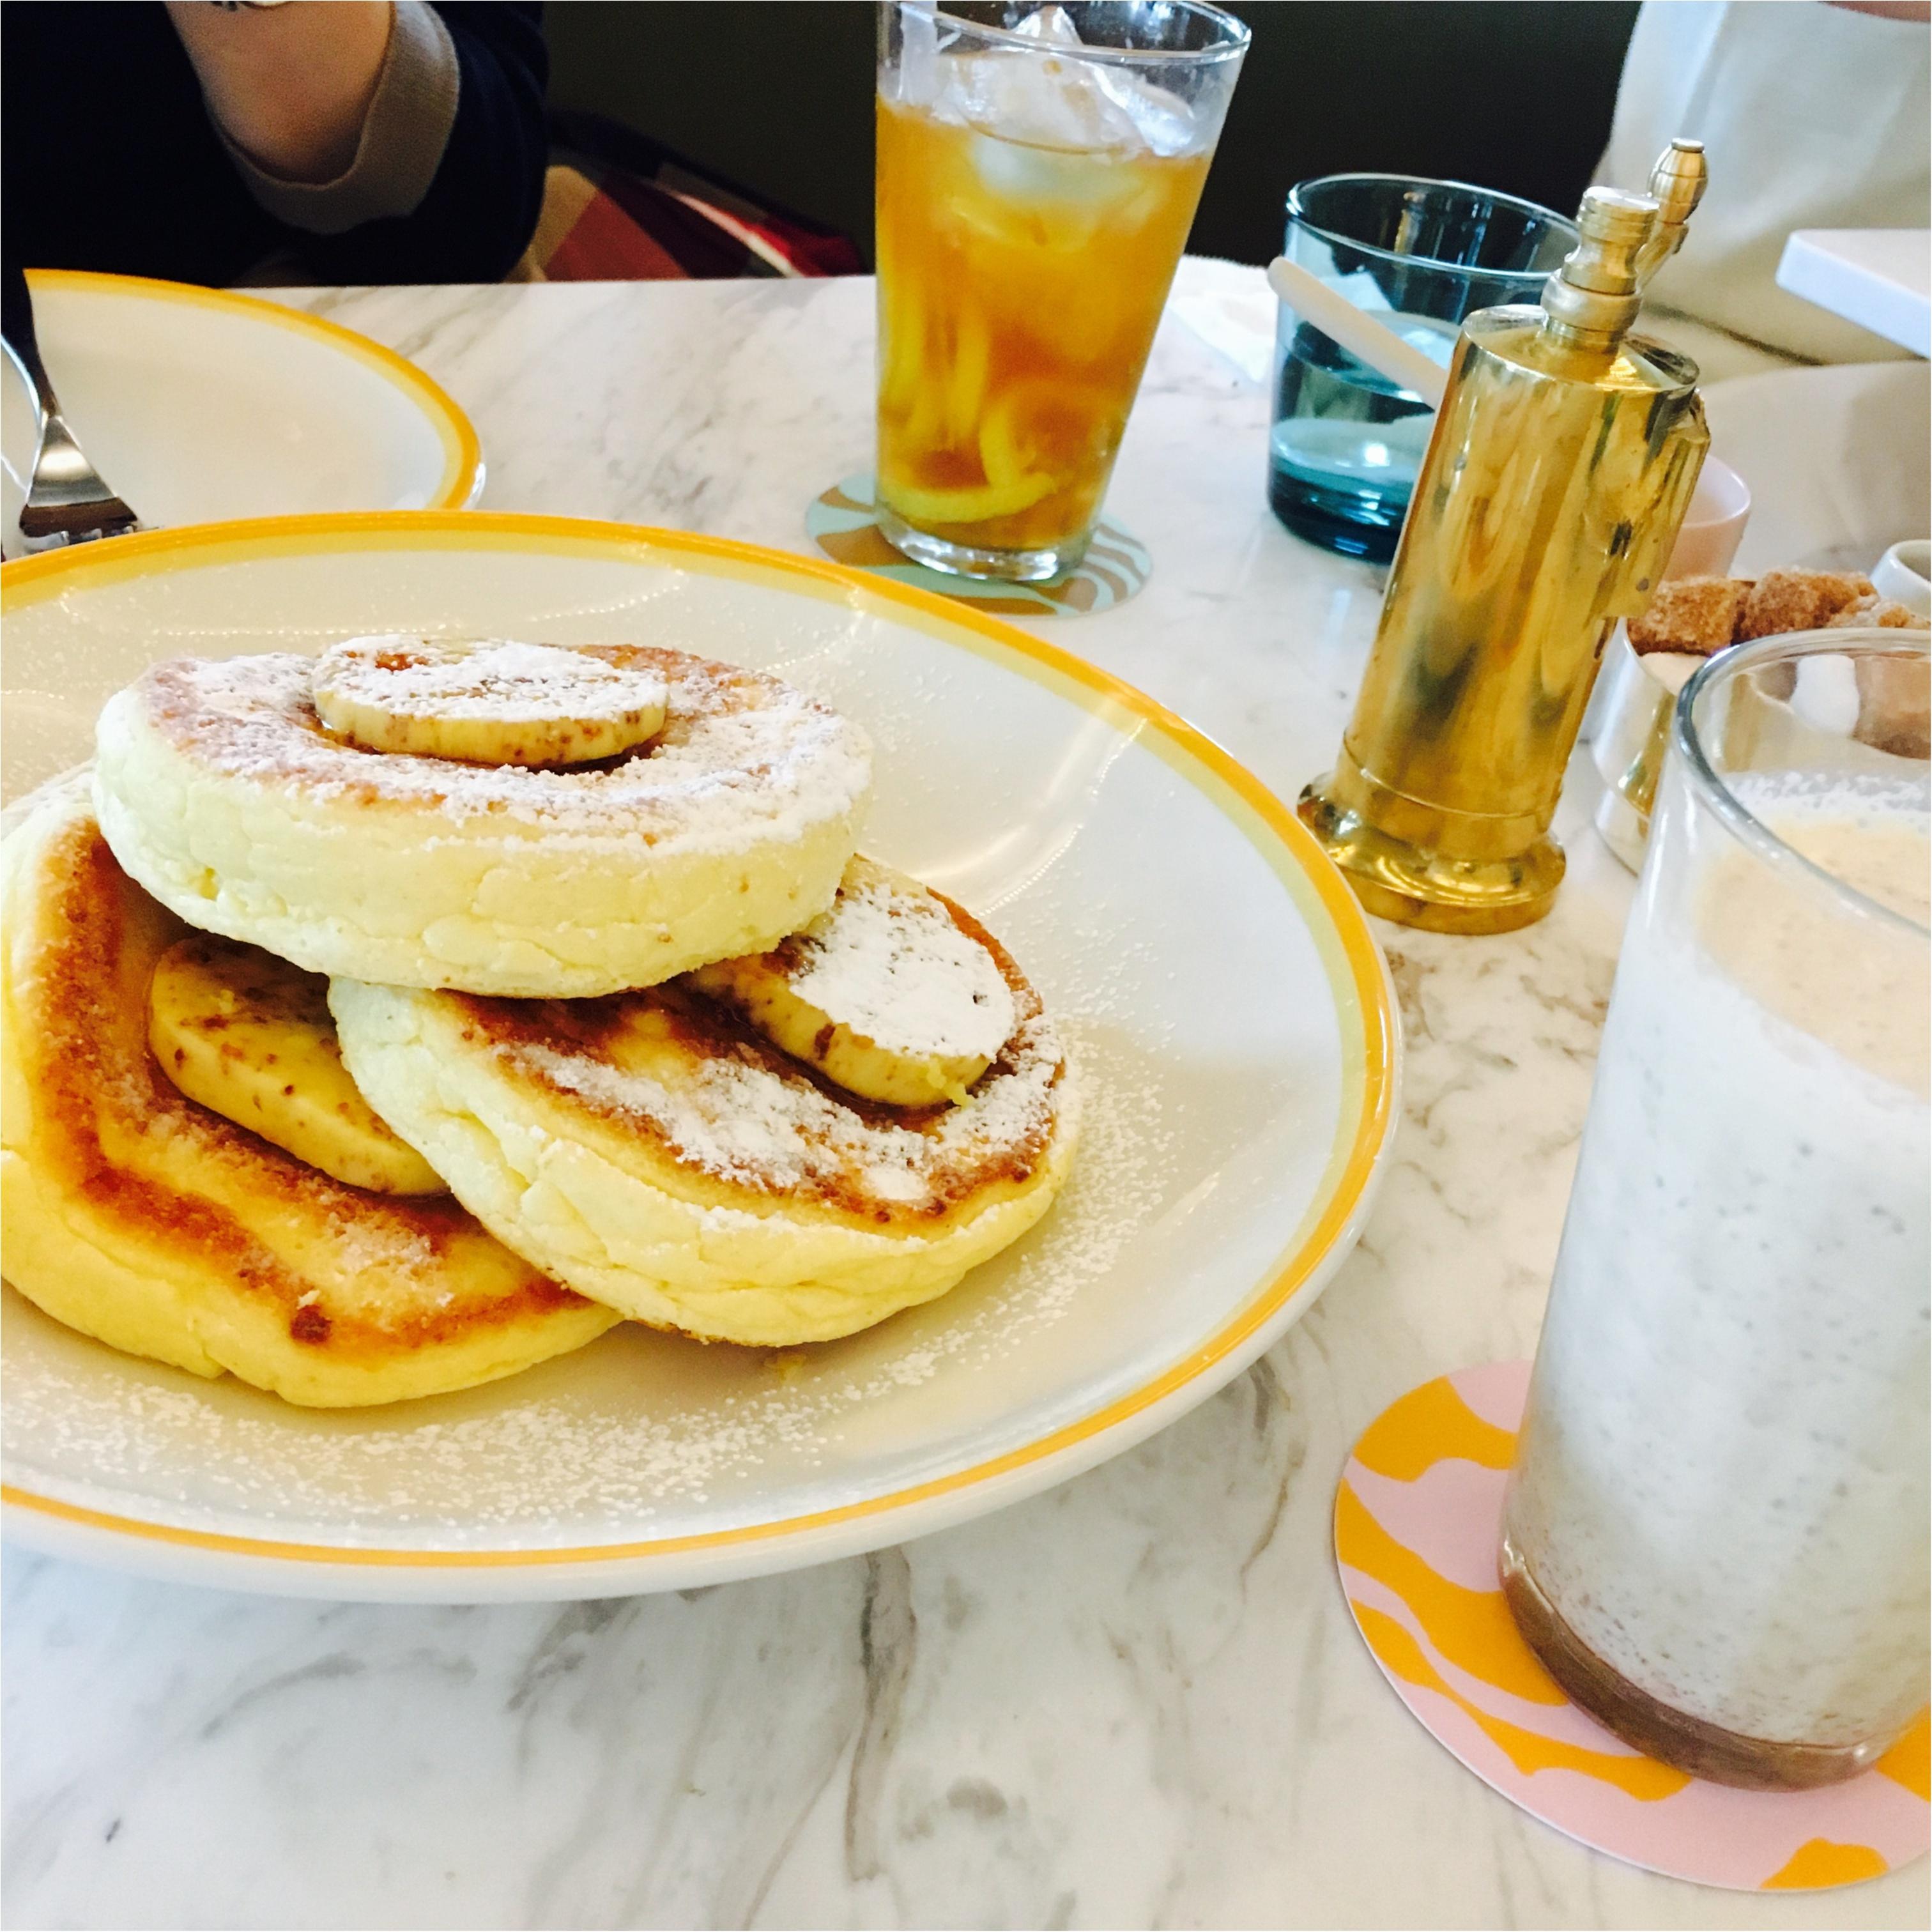 世界一の朝食がついに銀座に♡銀座の新名所❤︎Billsに行ってきました:.* ♡(°´˘`°)/ ♡ *.: _8